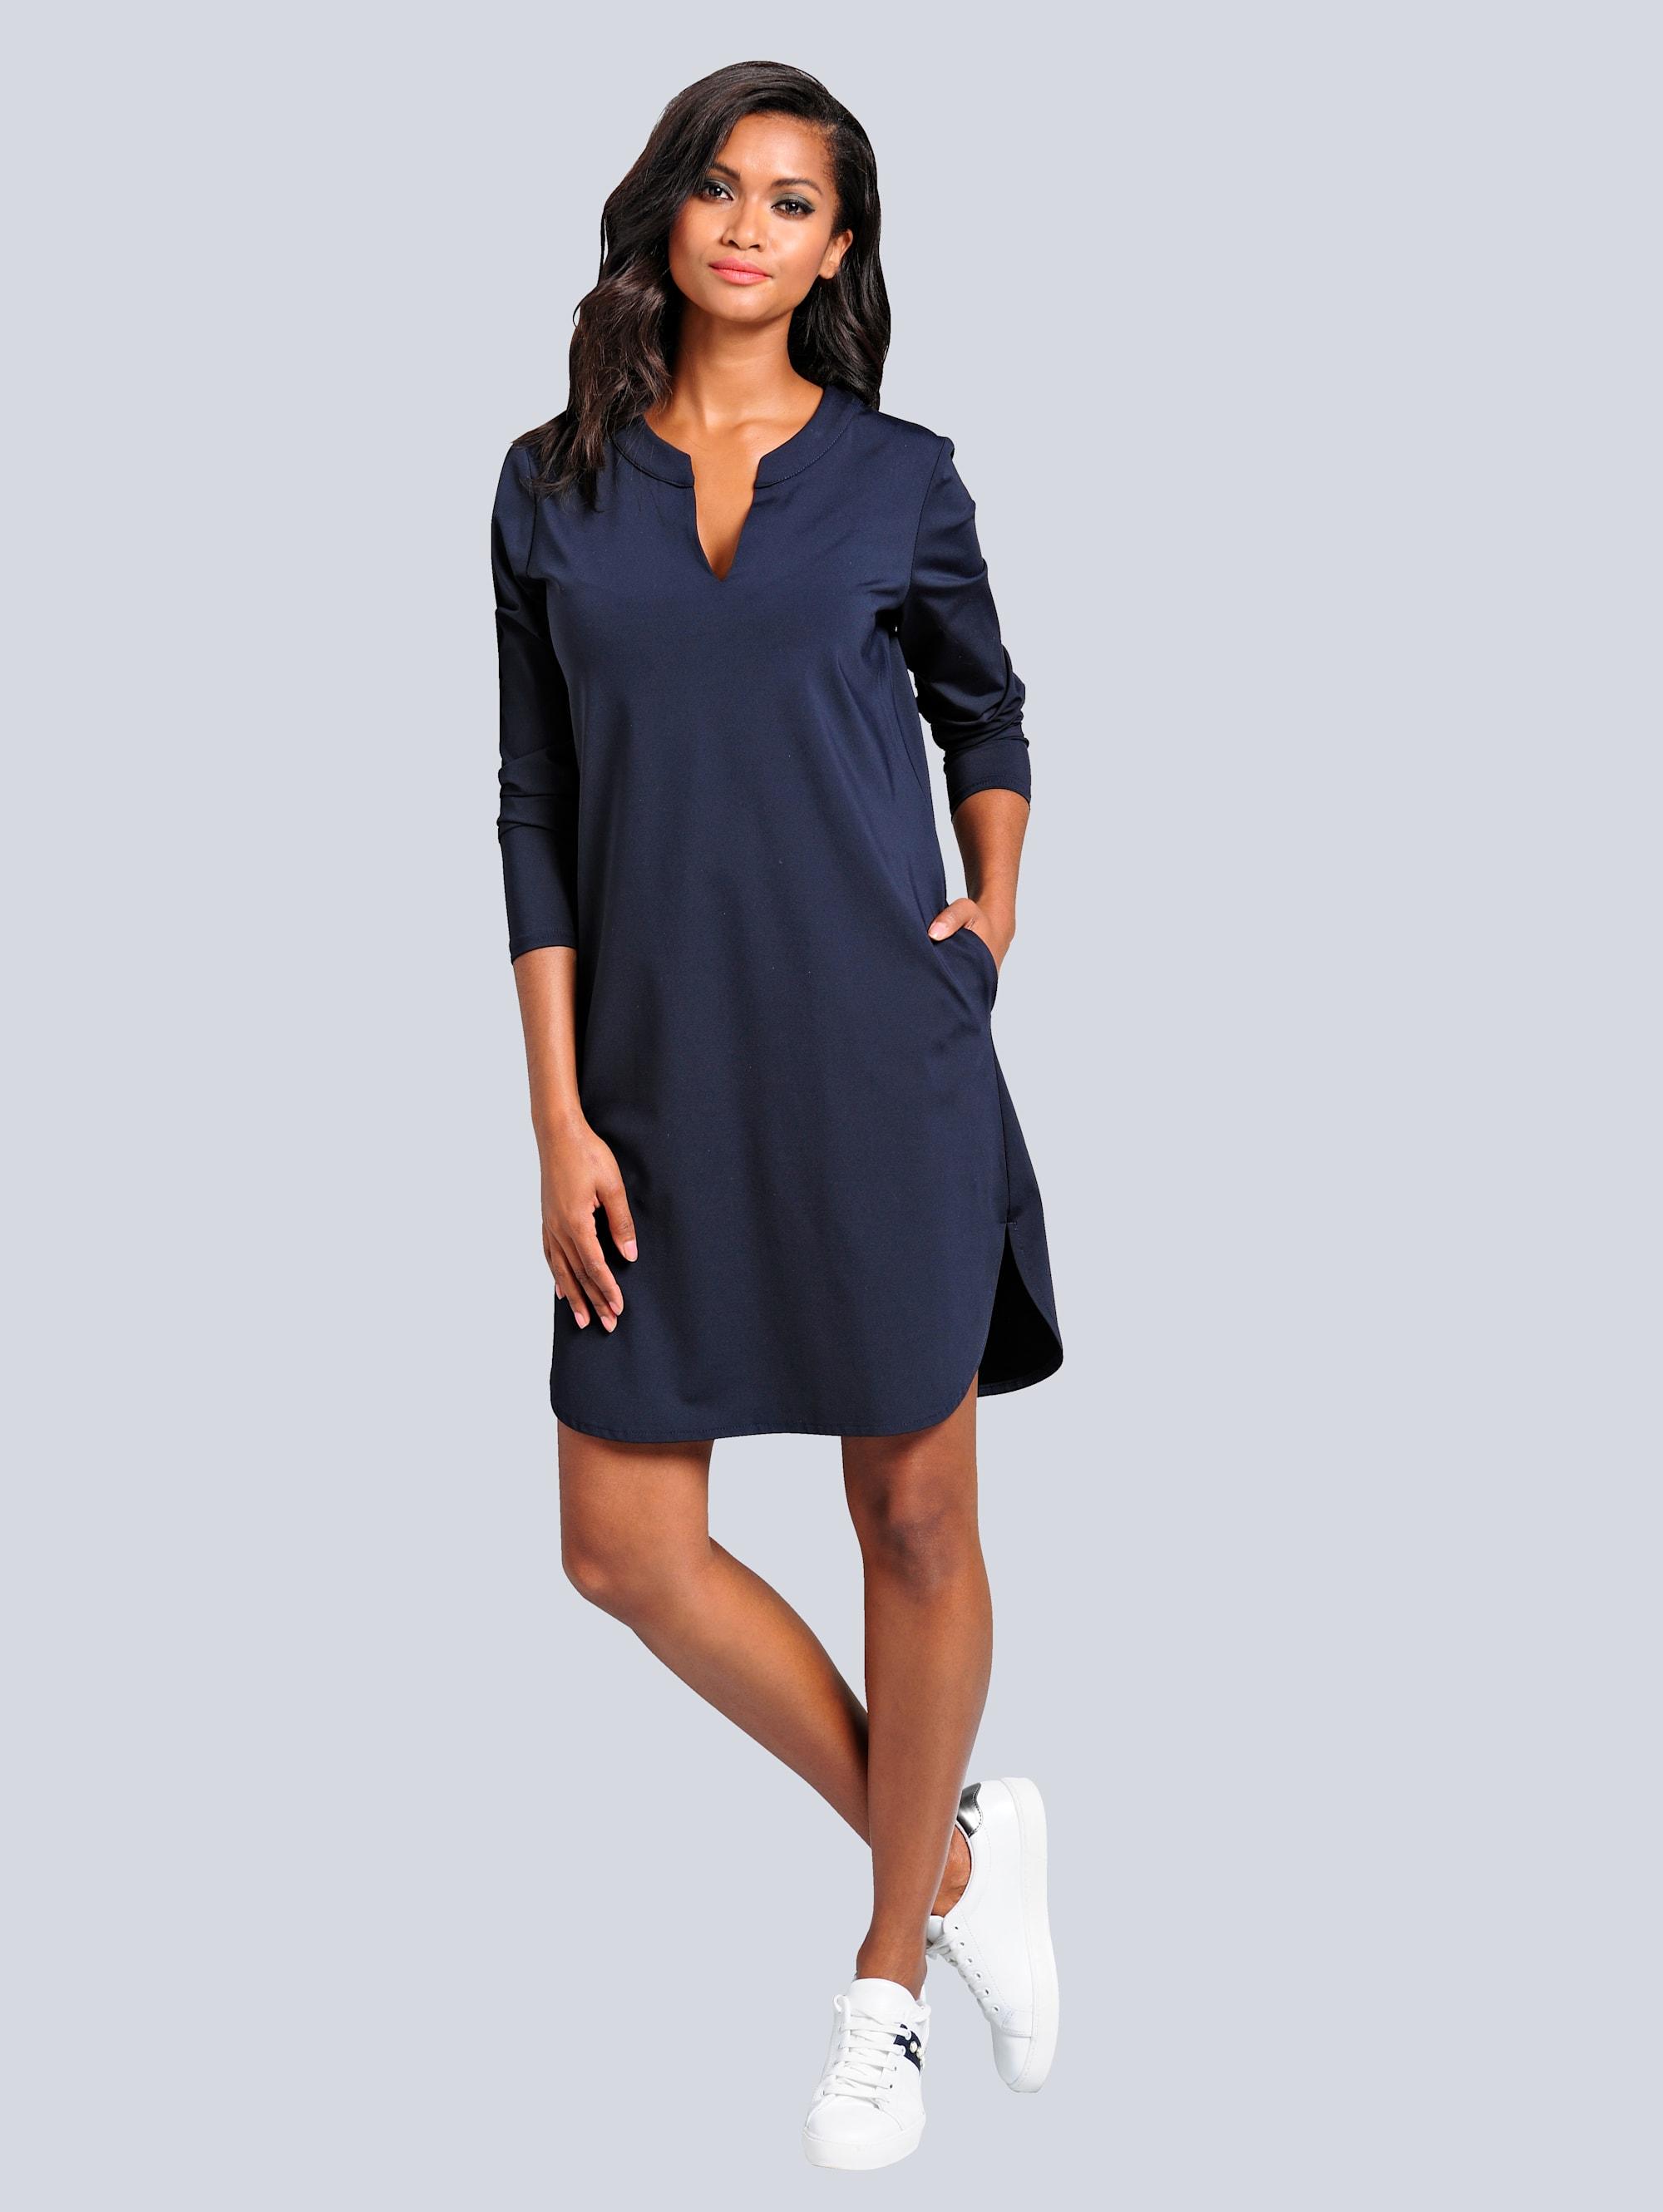 Alba Moda Kleid in äußerst trageangenehmer Jerseyqualität NBNHa sQQMT